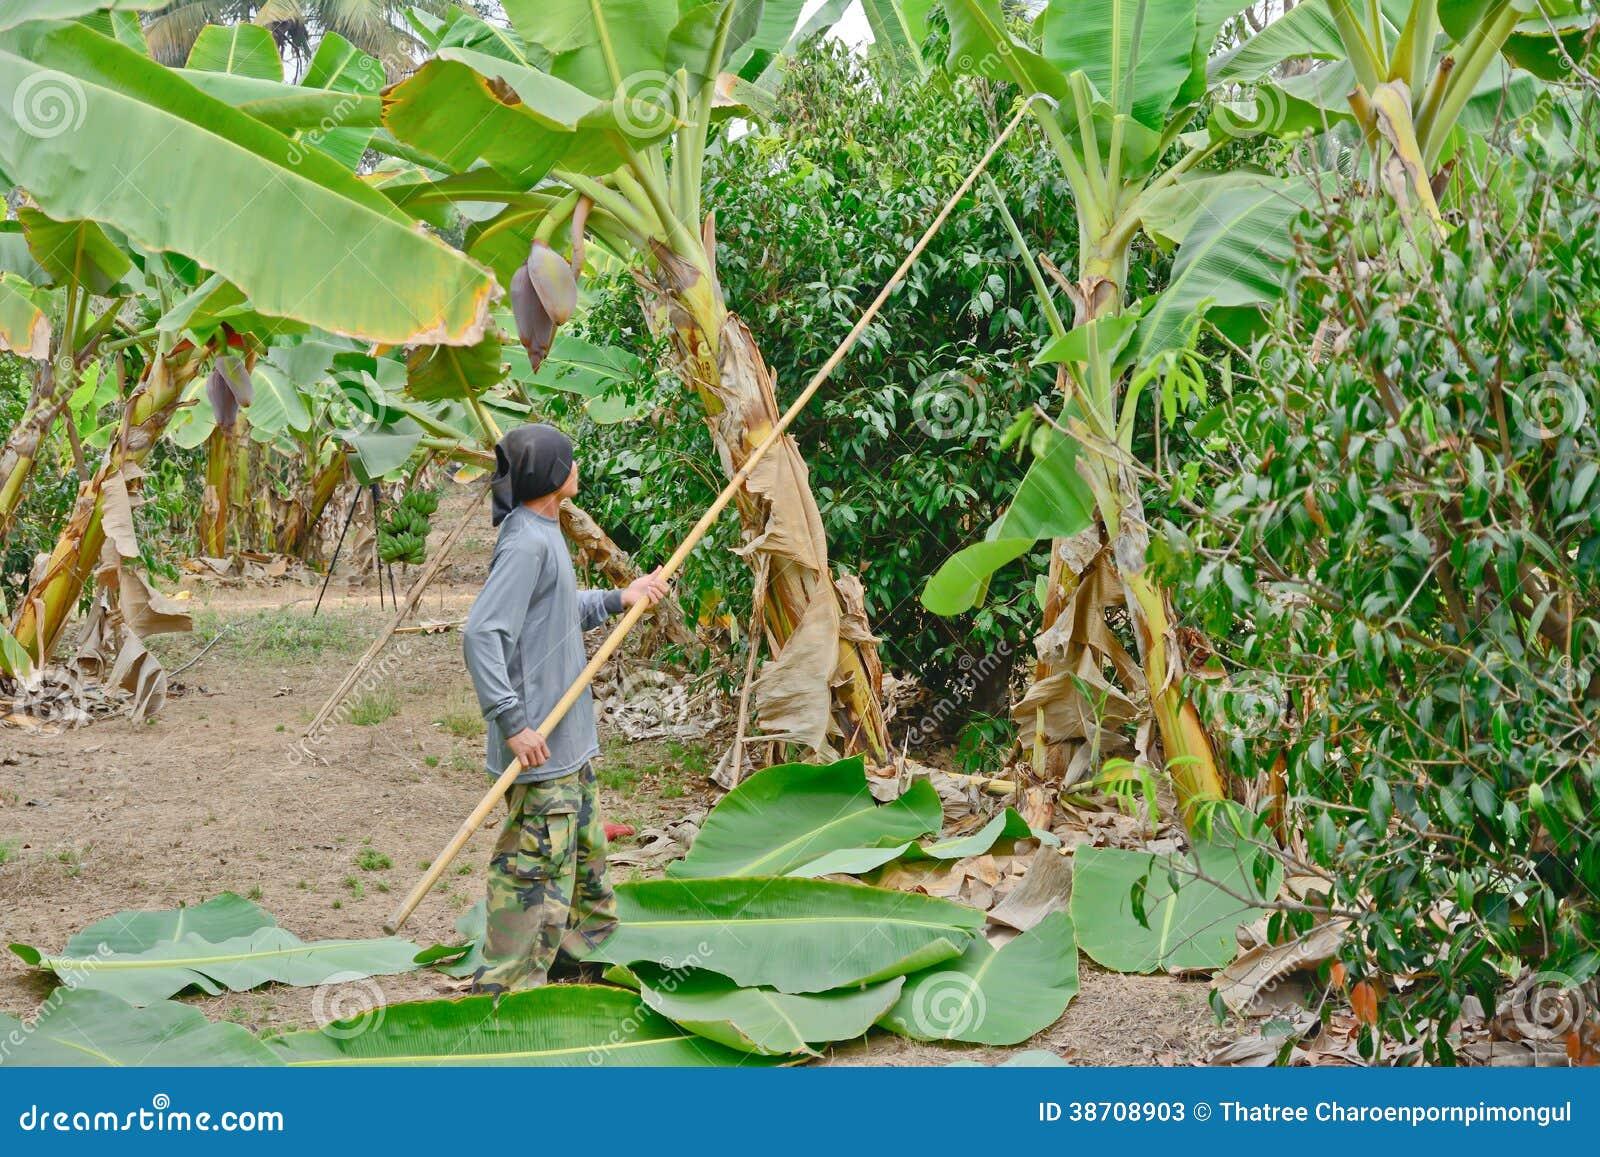 El Trabajador Est Cortando Las Hojas Del Pl Tano Foto De Archivo  # Muebles Hoja De Banano